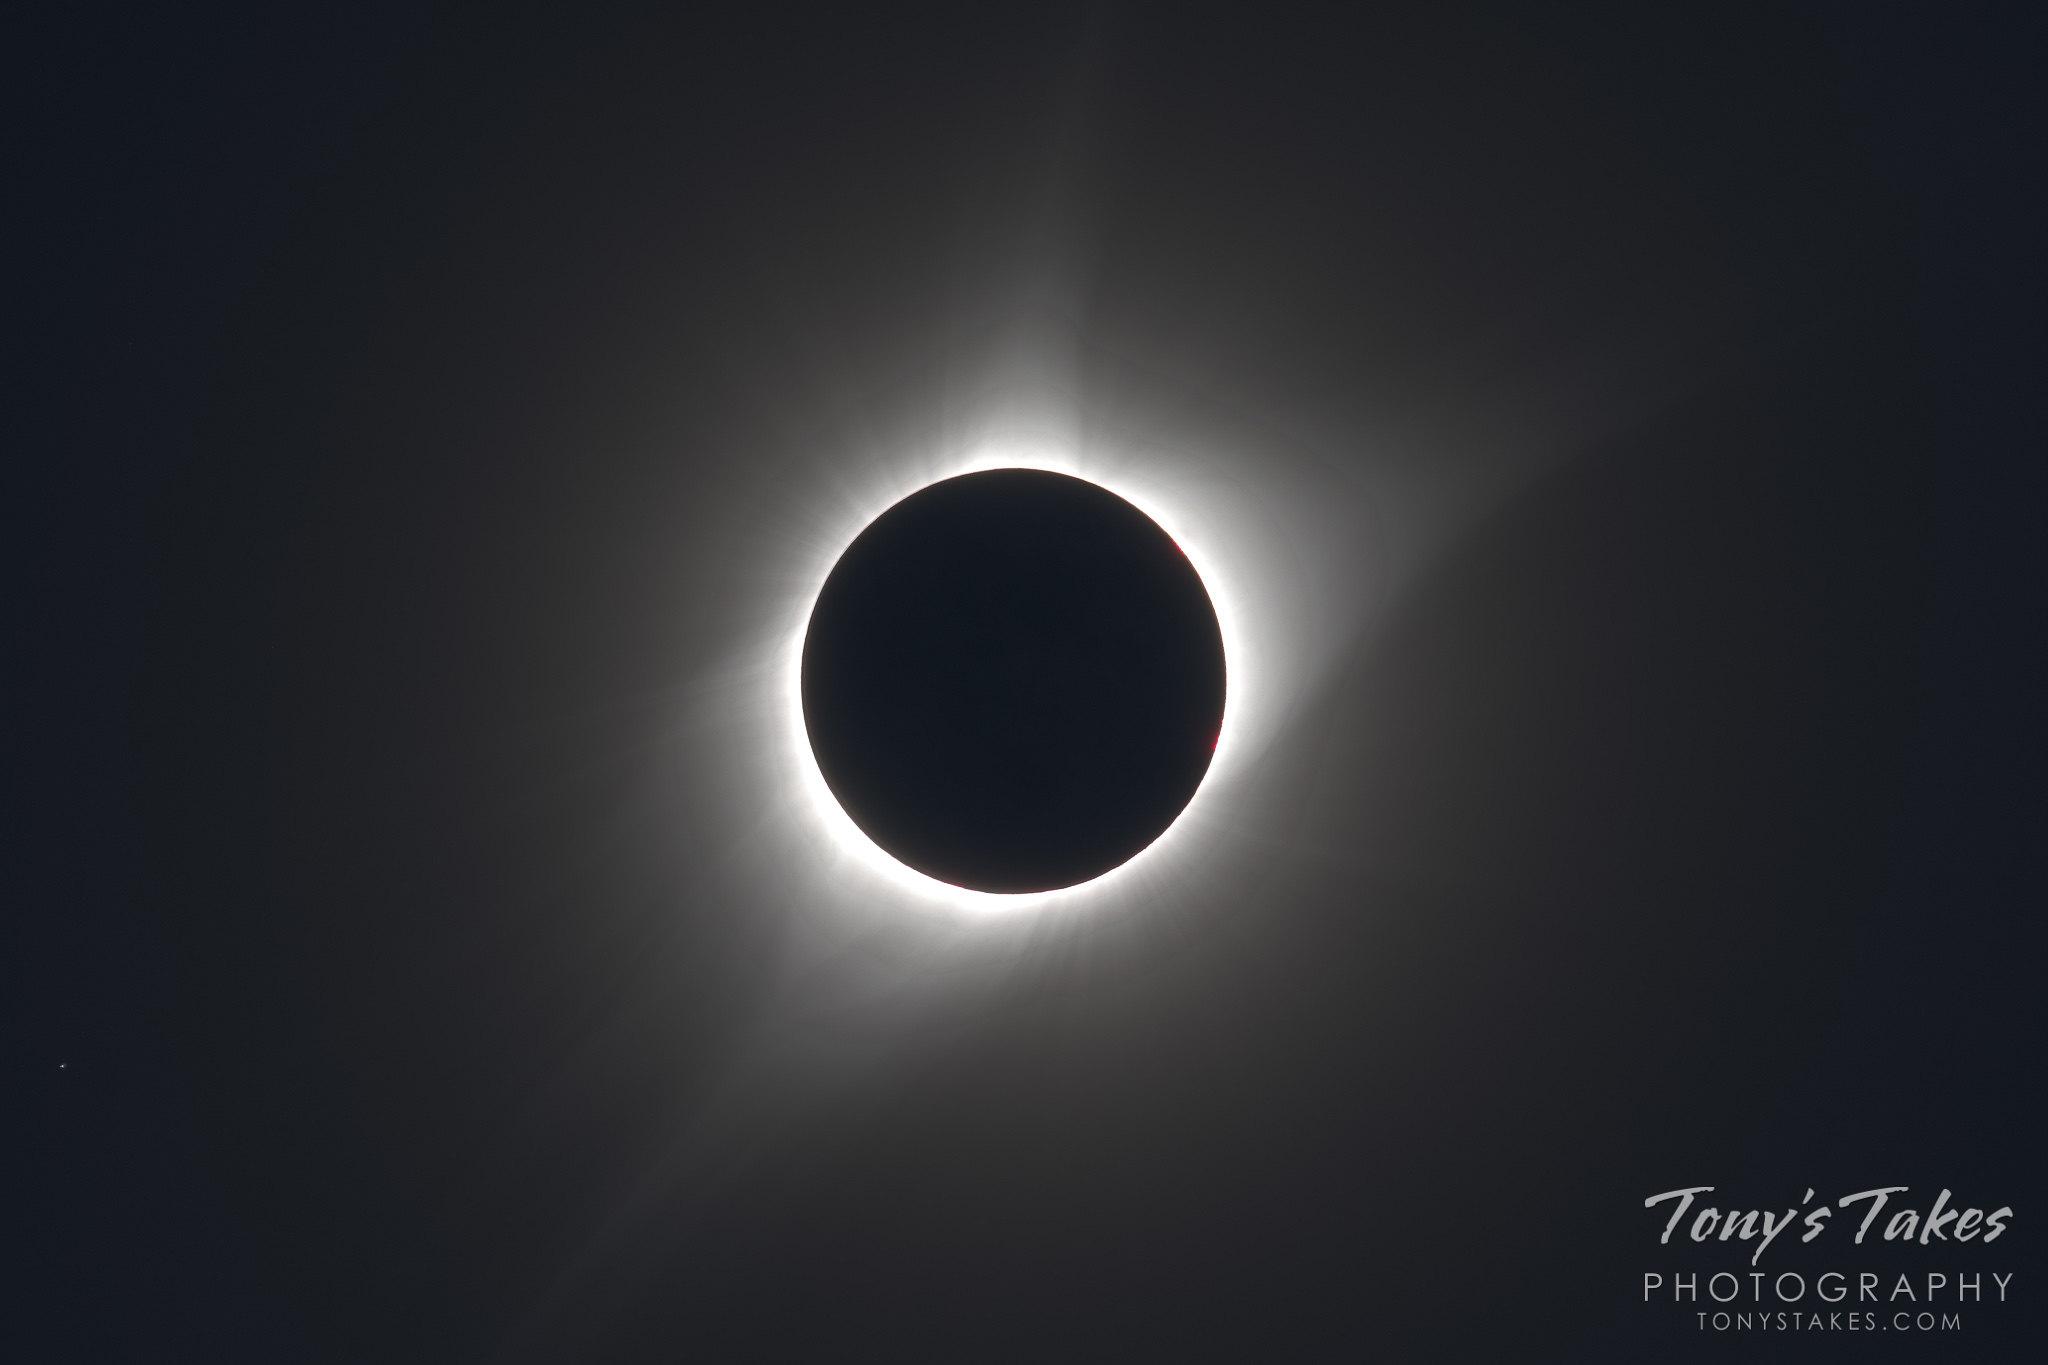 Solar eclipse provides prime corona viewing